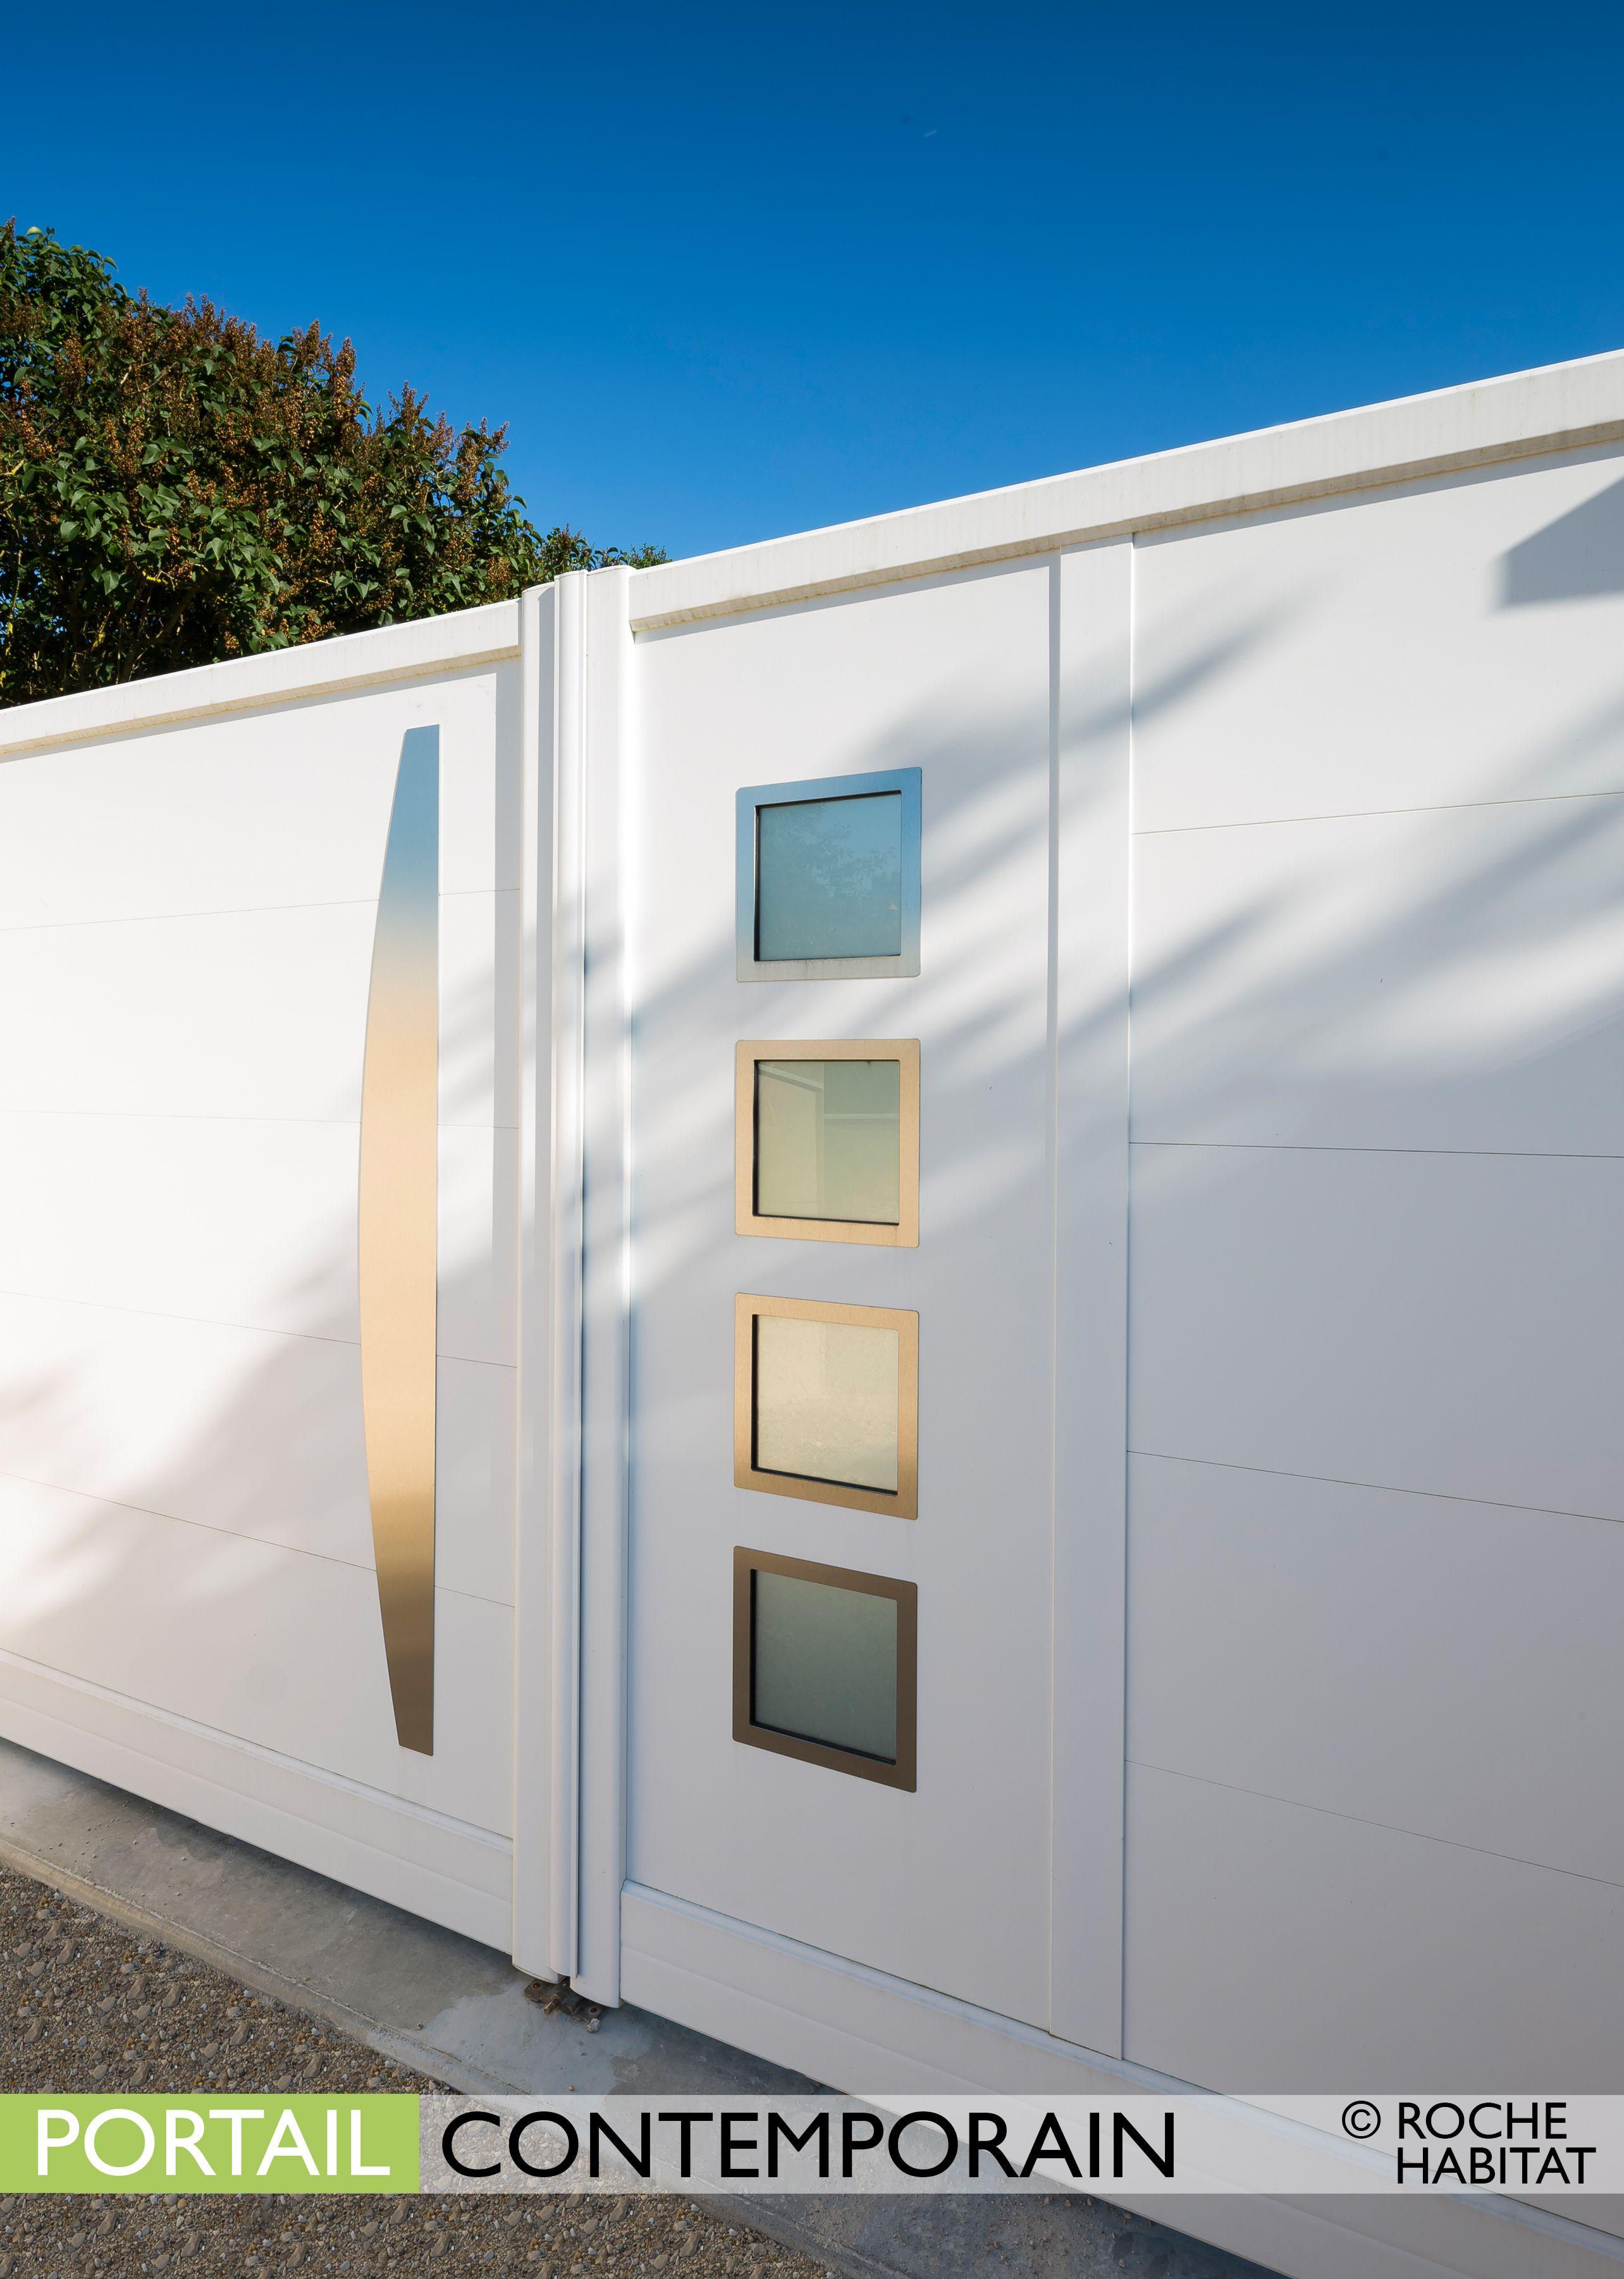 Portail Contemporain by Roche Habitat. Le portail New York est composé d un  remplissage plein à lames larges (340 mm) horizontales et d une ou deux  zones de ... 79fc9d61f089